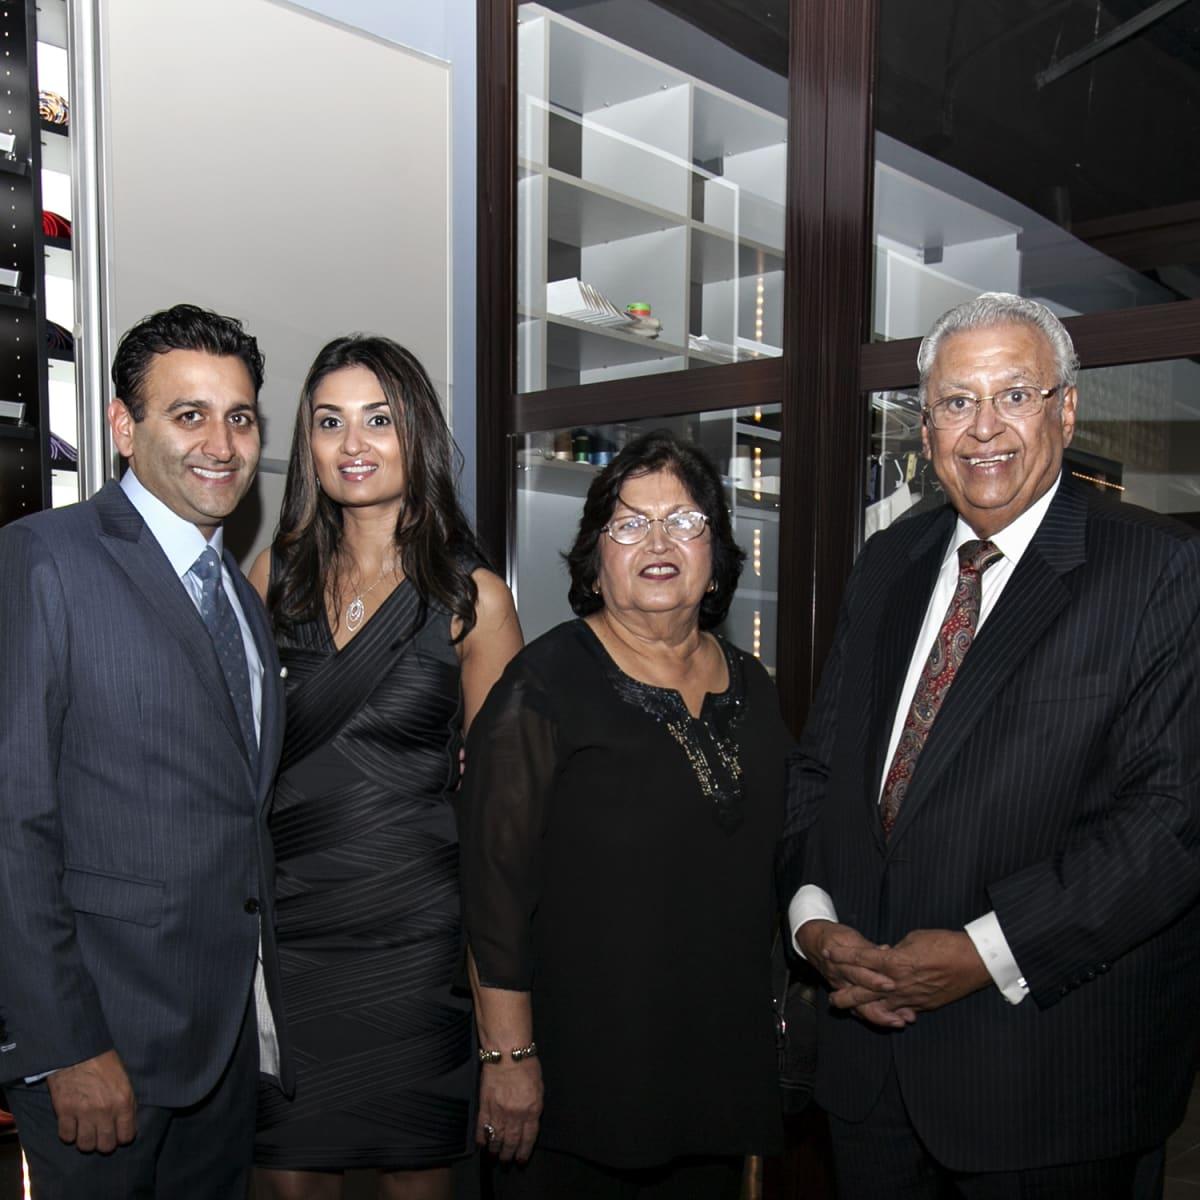 News, Shelby, Balani Opening, Nov. 2015, Sonny and Sheetal Balani, Neena and Peter Balani